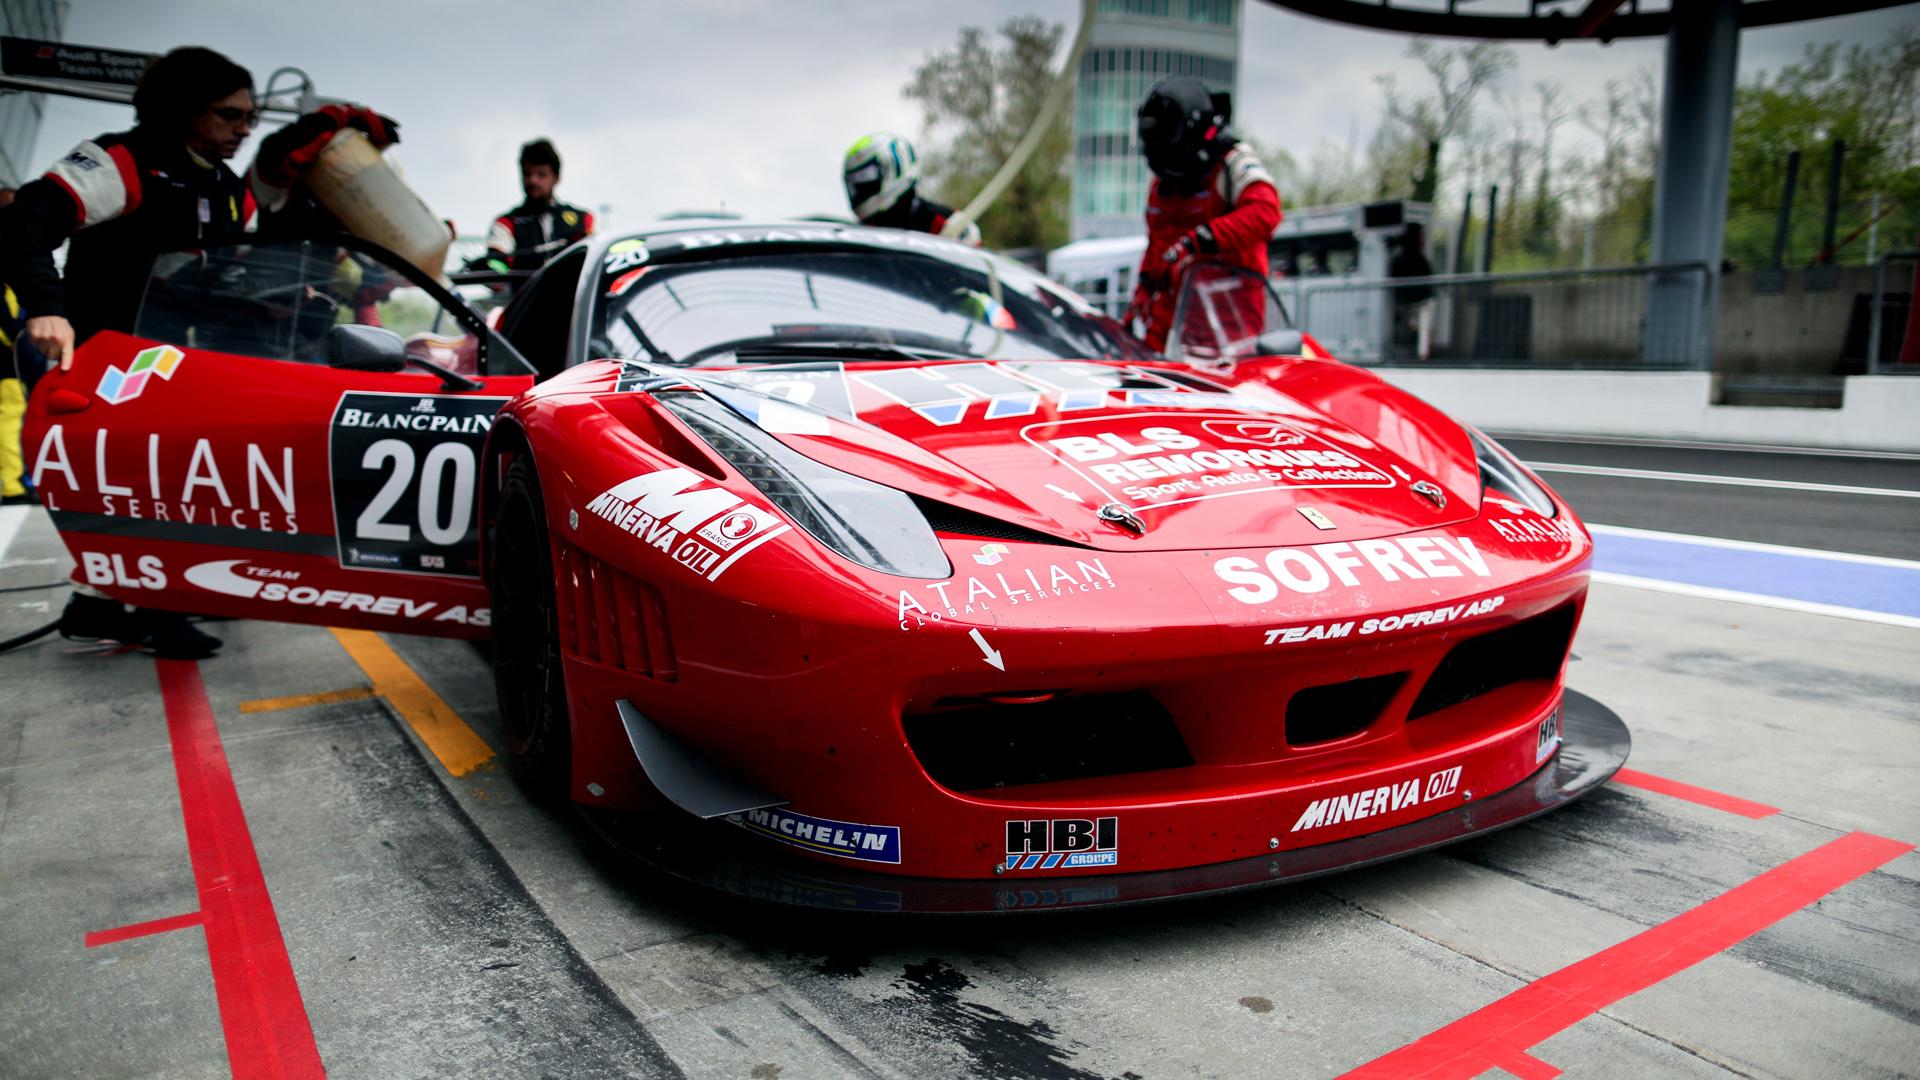 Blancpain Ferrari Monza 2012